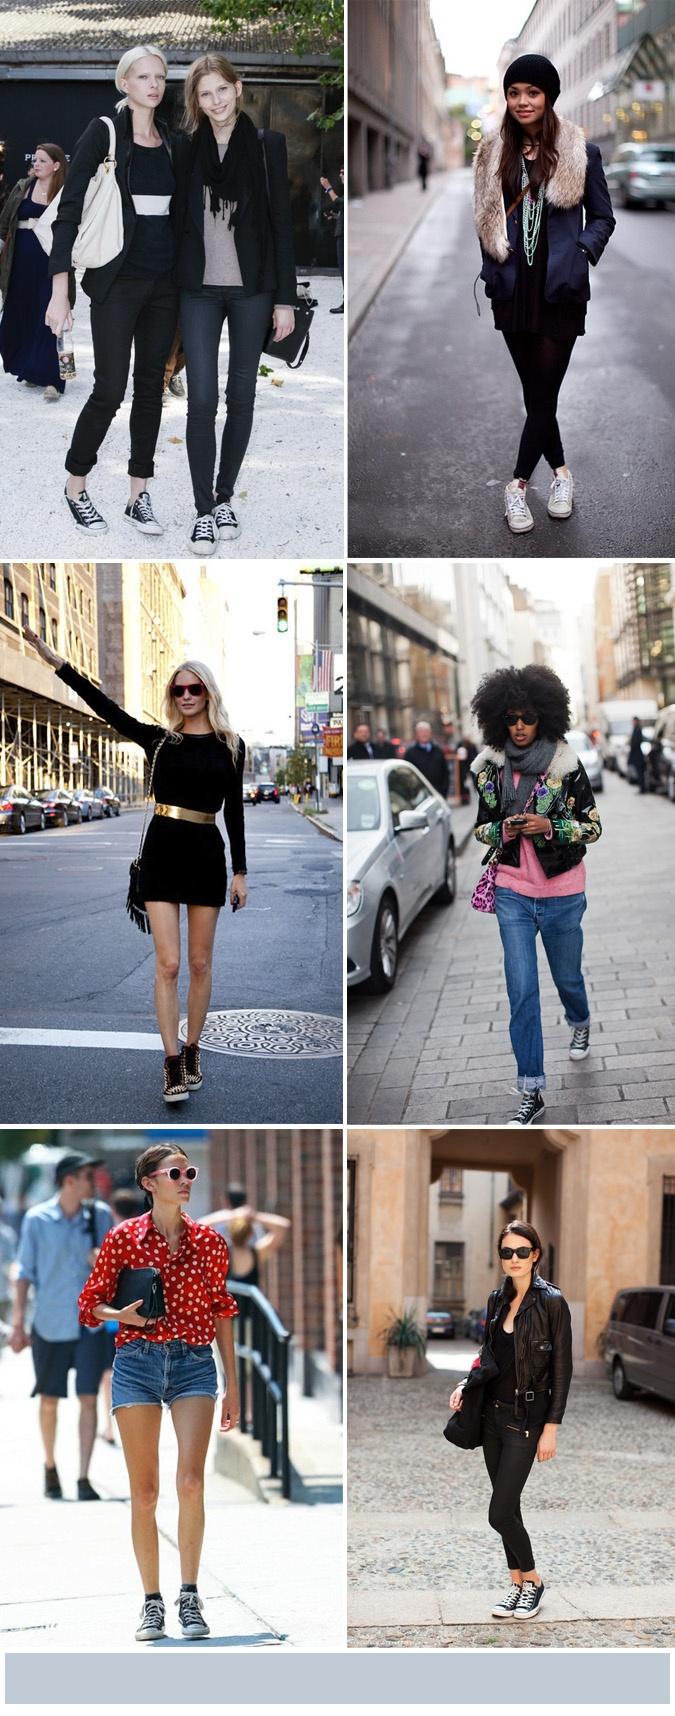 Zapatillas con estilo. #sneakers #moda #mujer